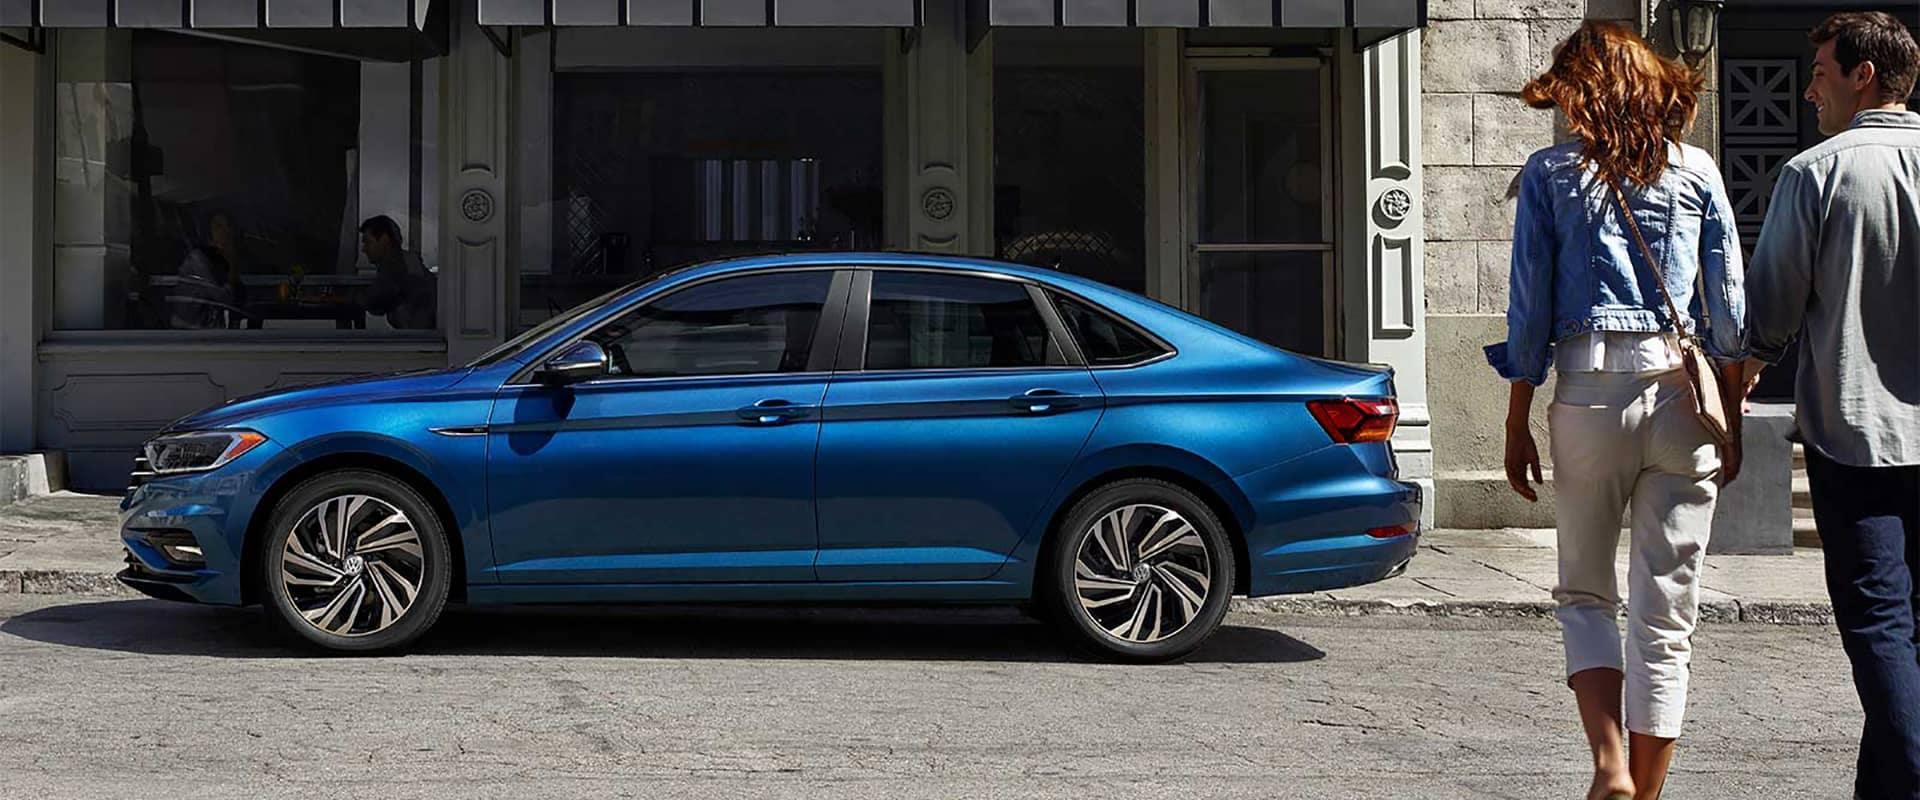 2019 VW Jetta Side View